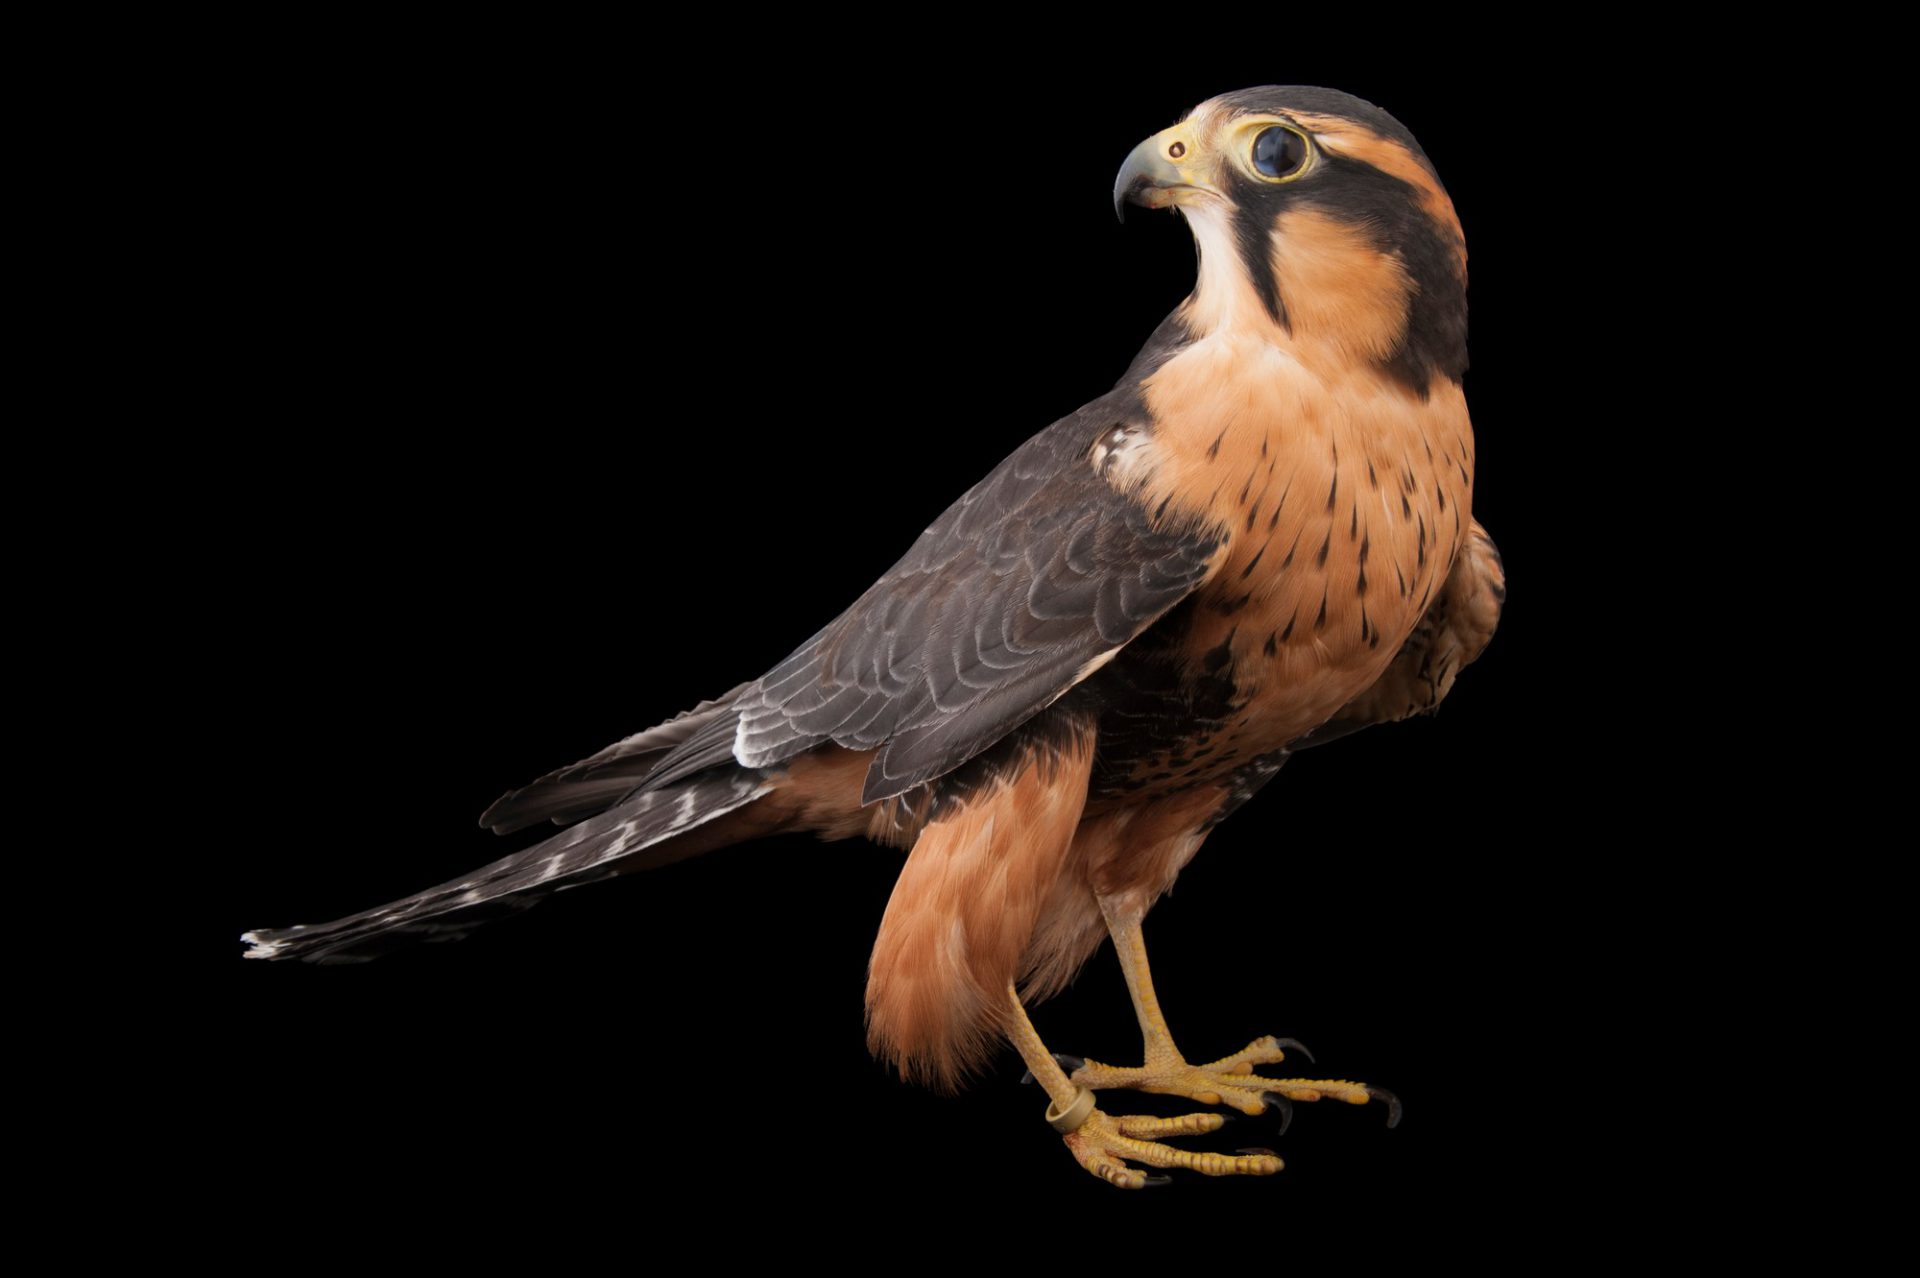 Aplomado falcon (Falco femoralis pichinchae) at the Milford Nature Center.